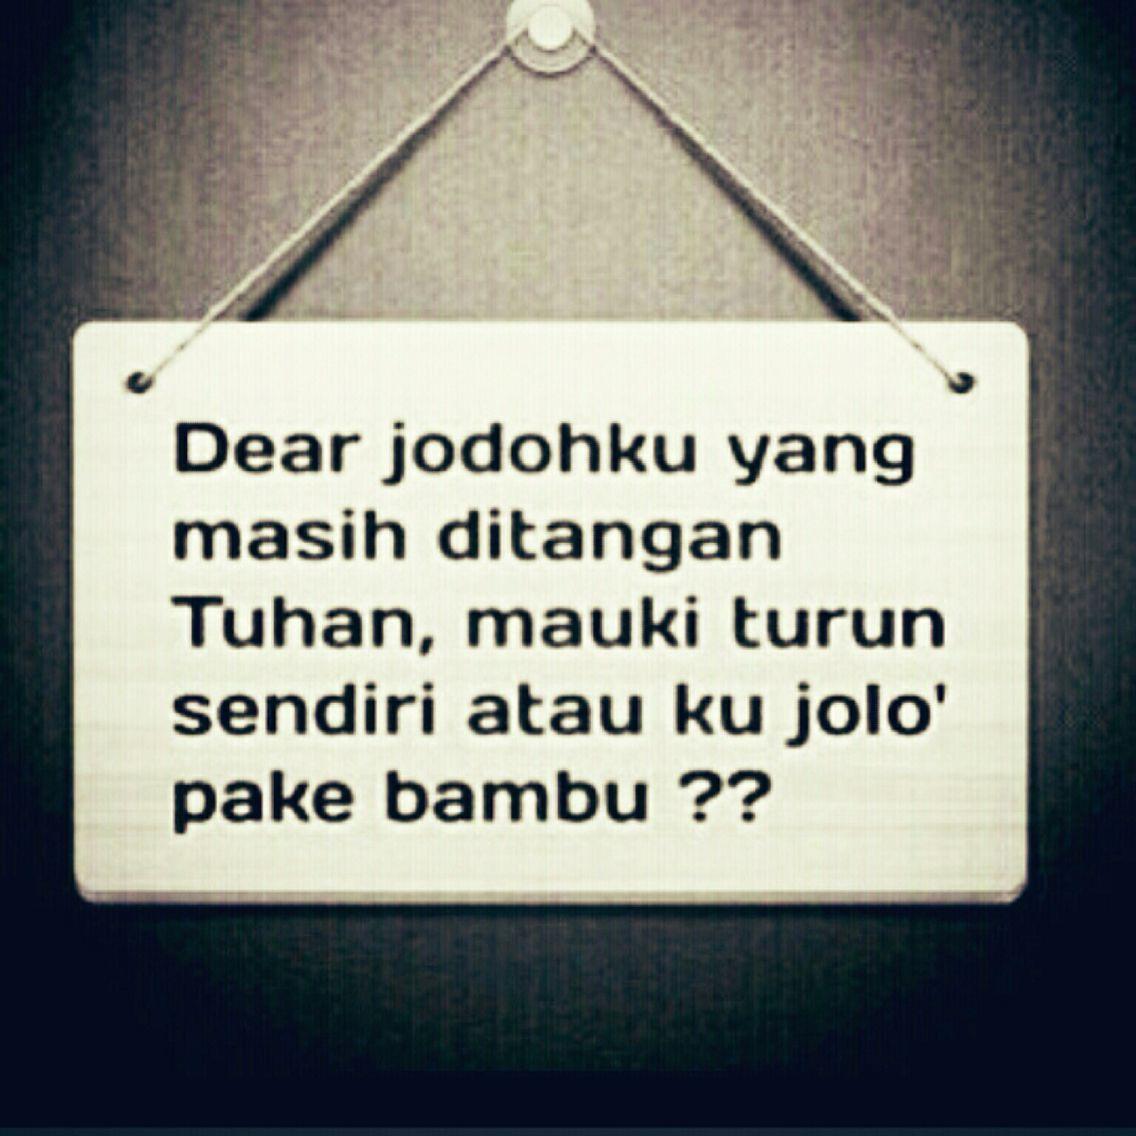 Dear Jodoh